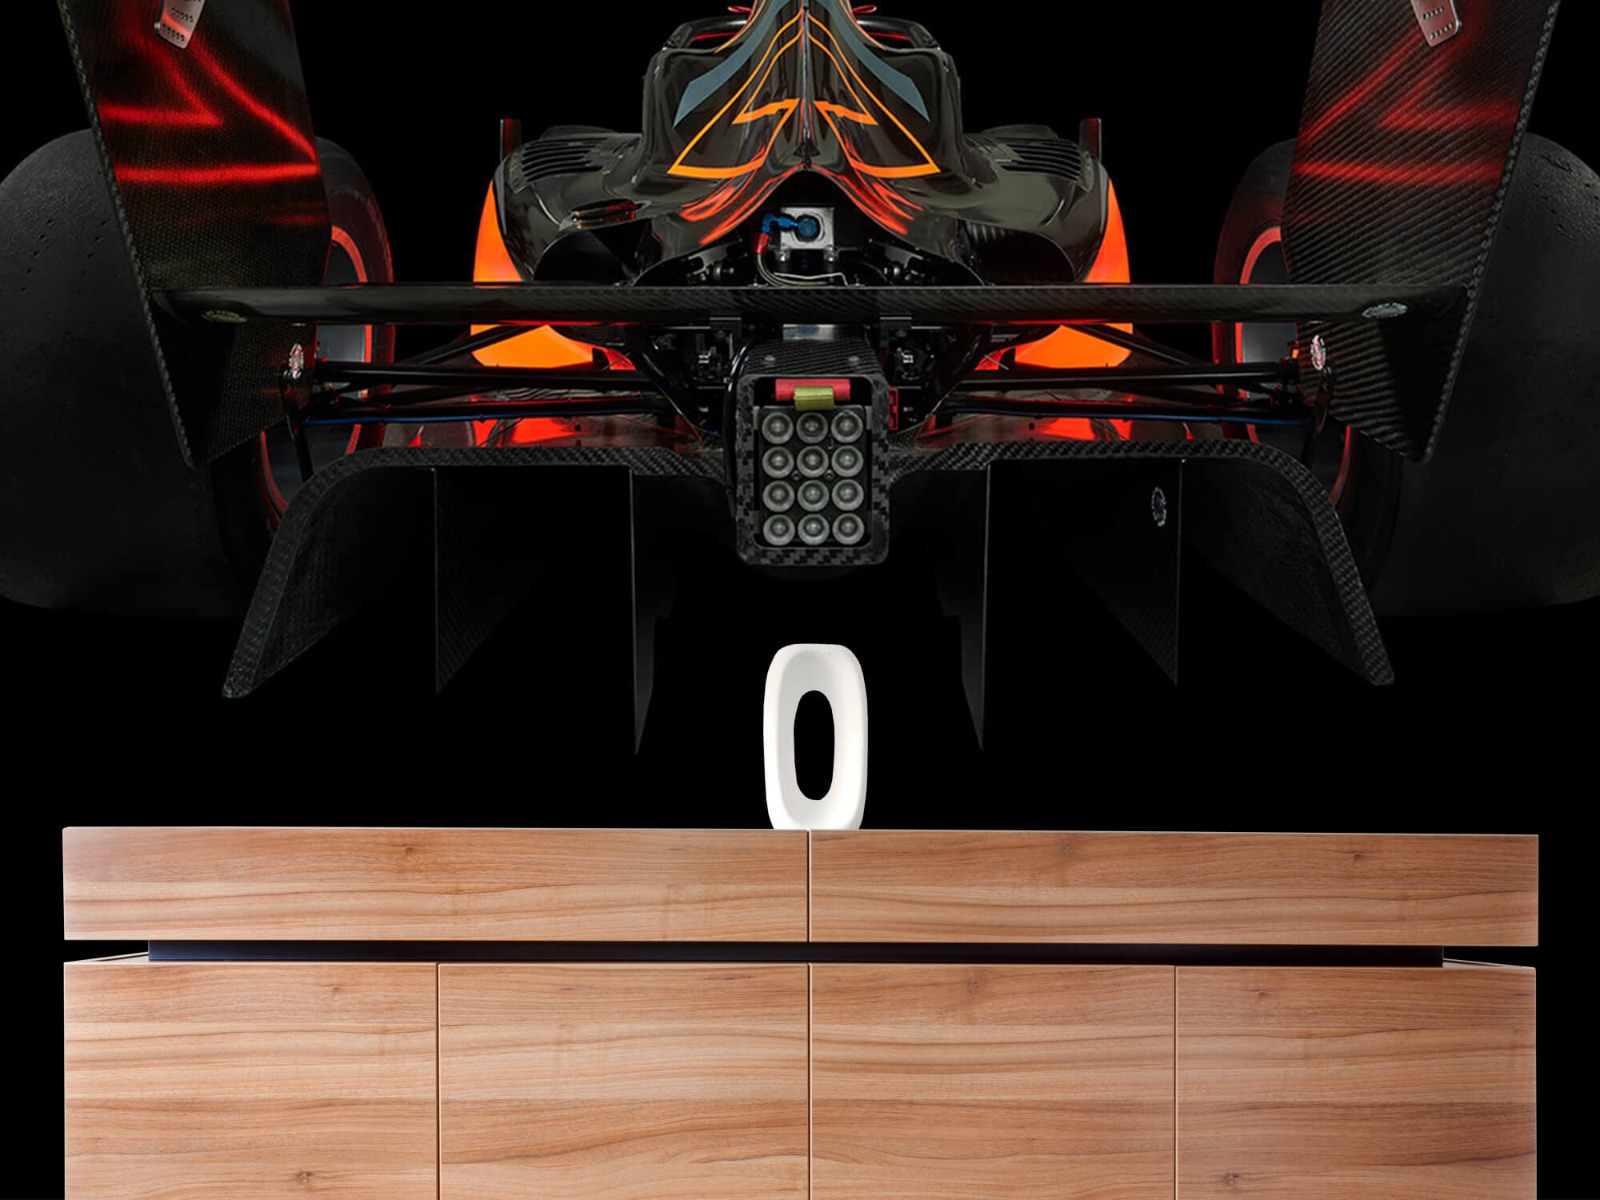 Sportauto's - Formule 3 - Lower rear view - dark - Garage 20